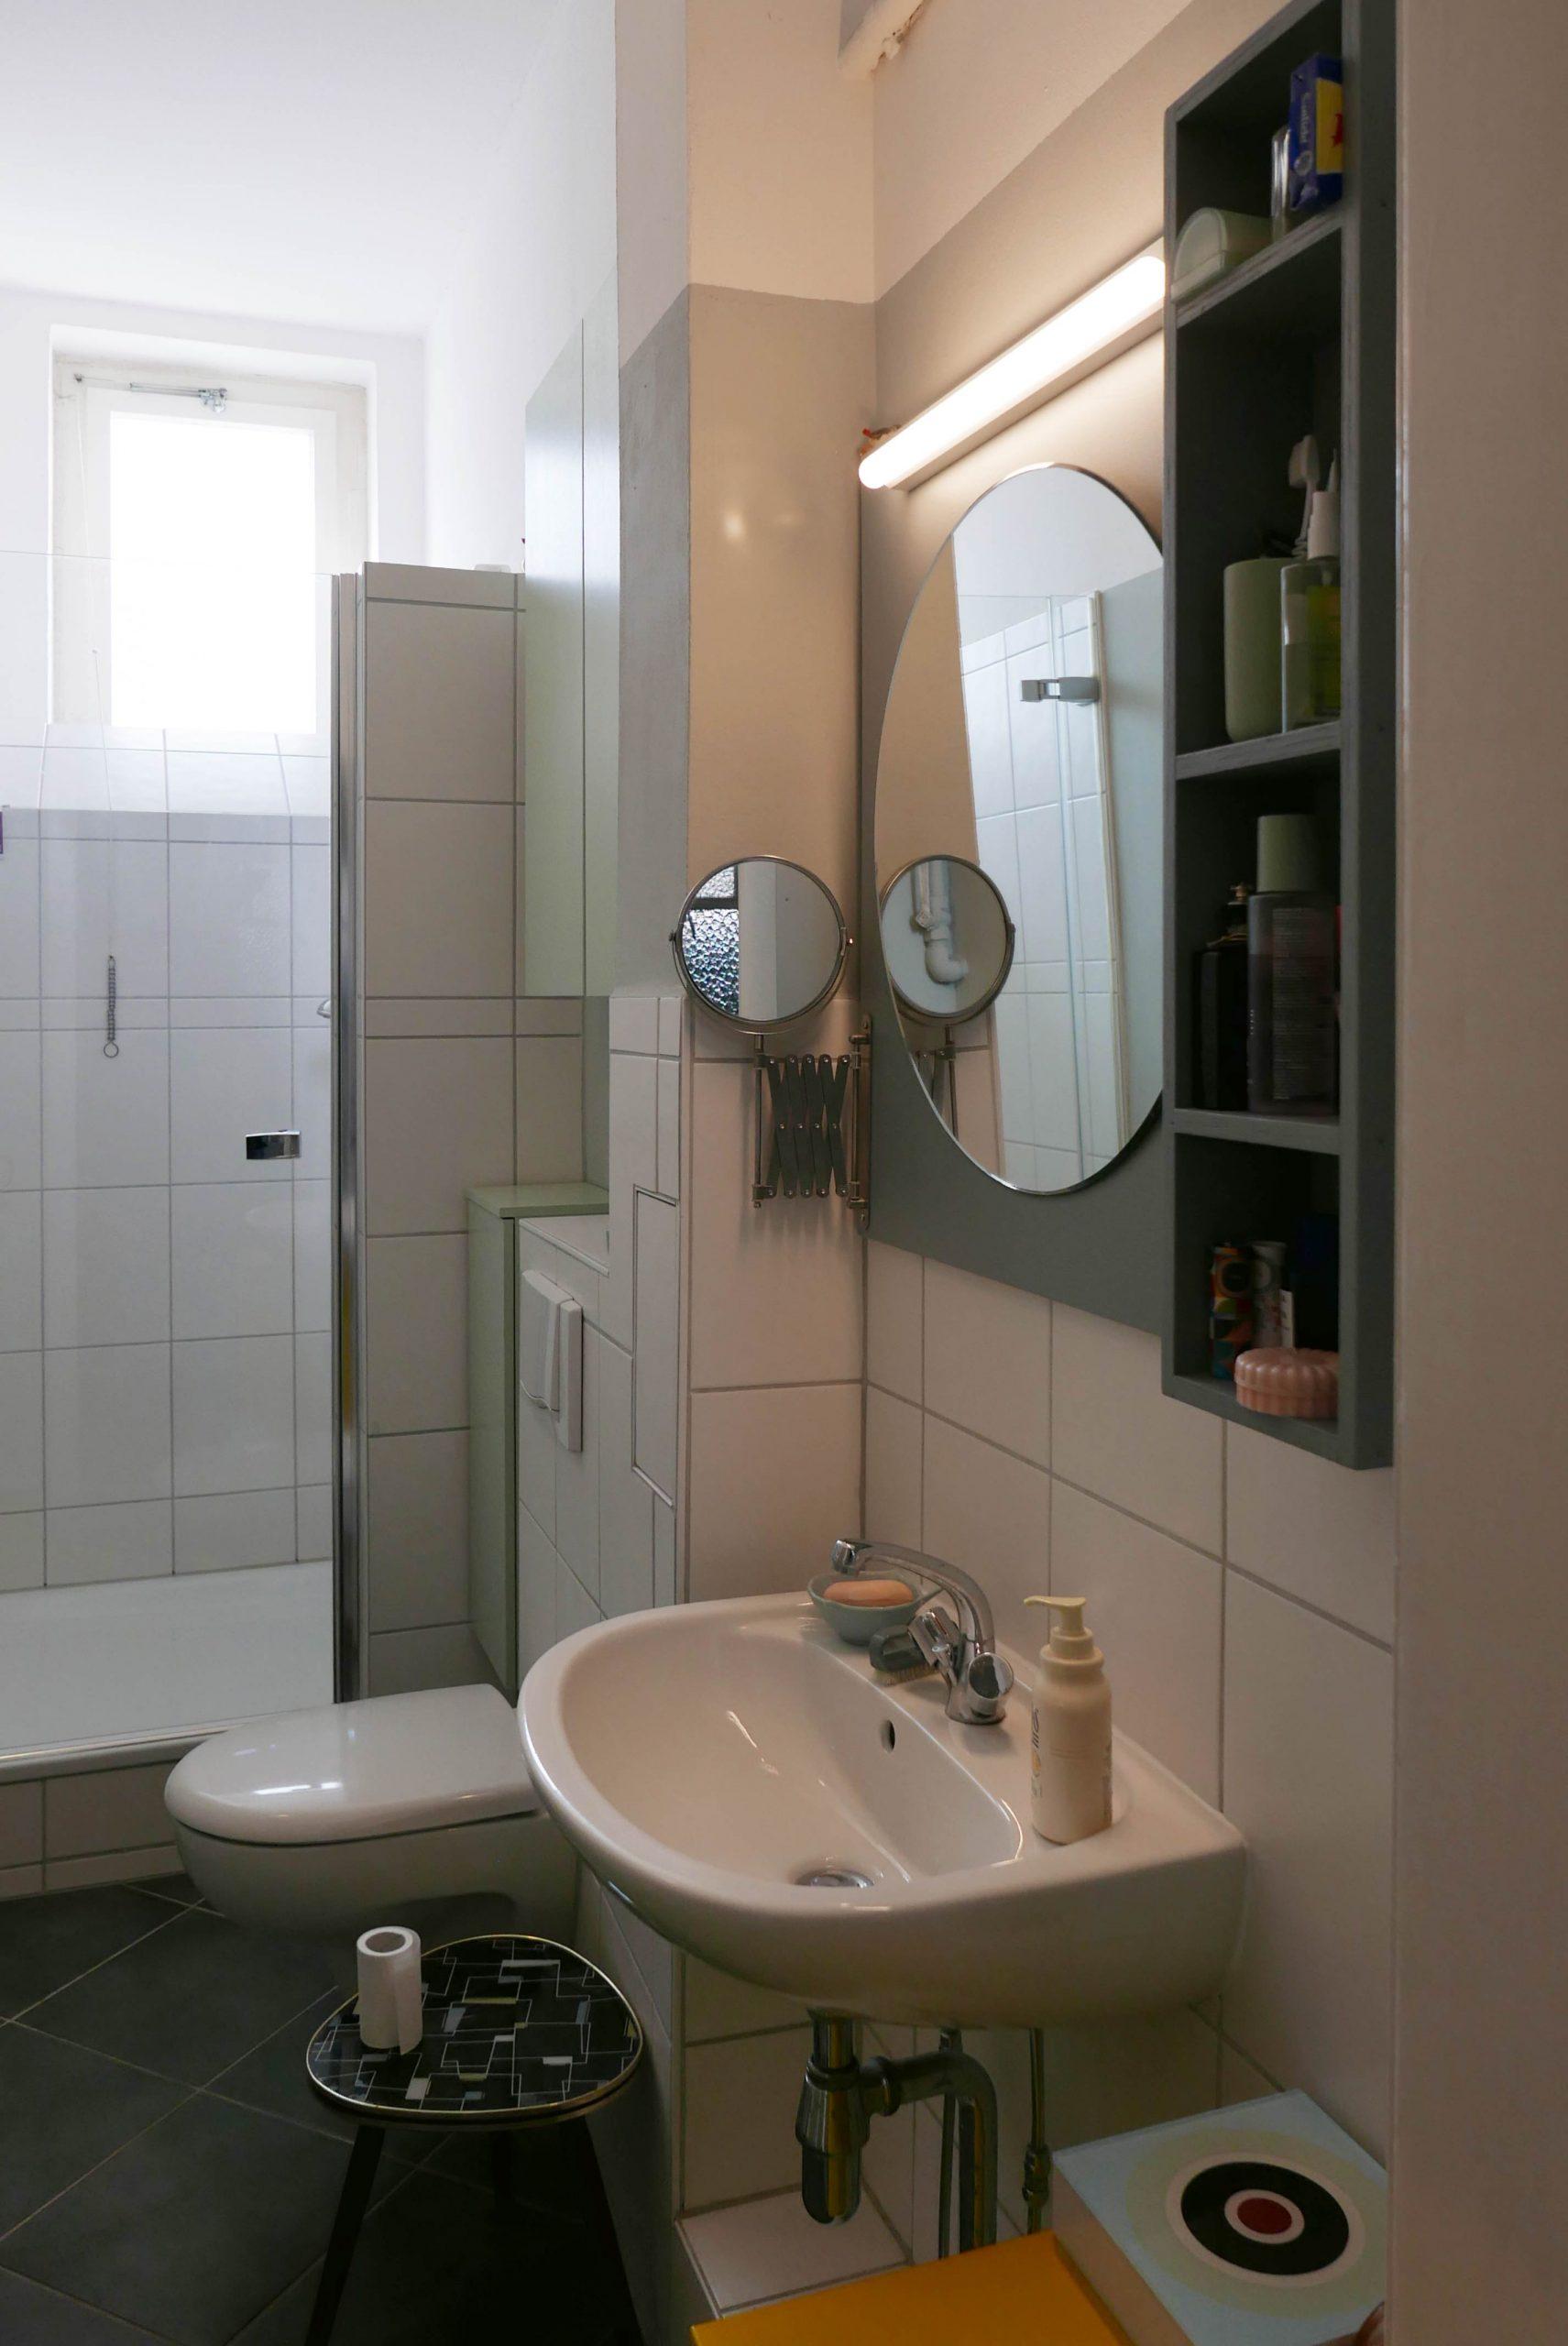 Badezimmerprojekt im Altbau: Farbgestaltung und Spiegelregal